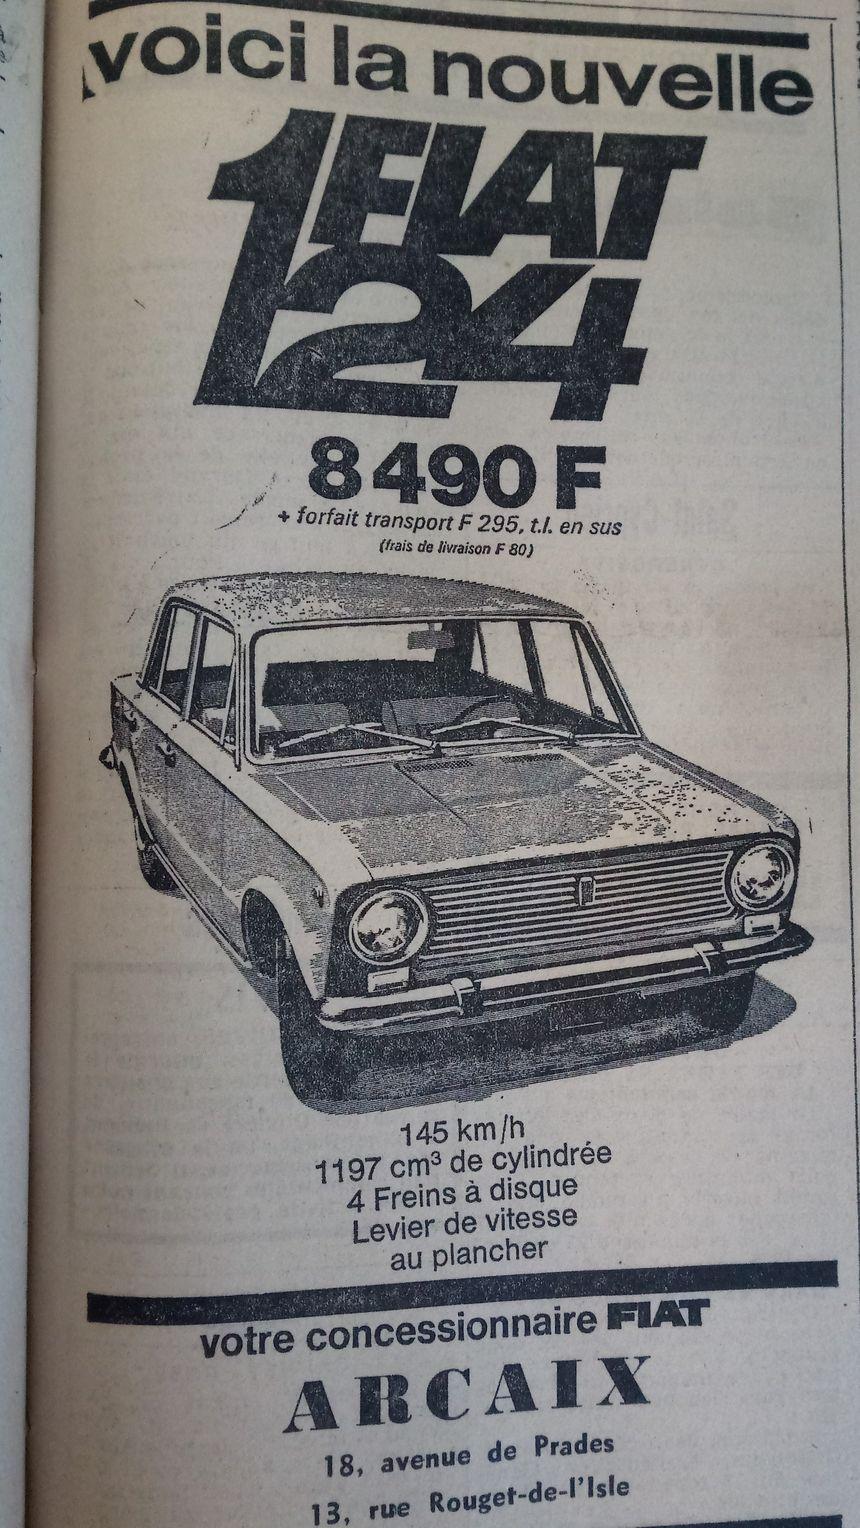 Publicité publiée pour le lancement du nouveau modèle Fiat